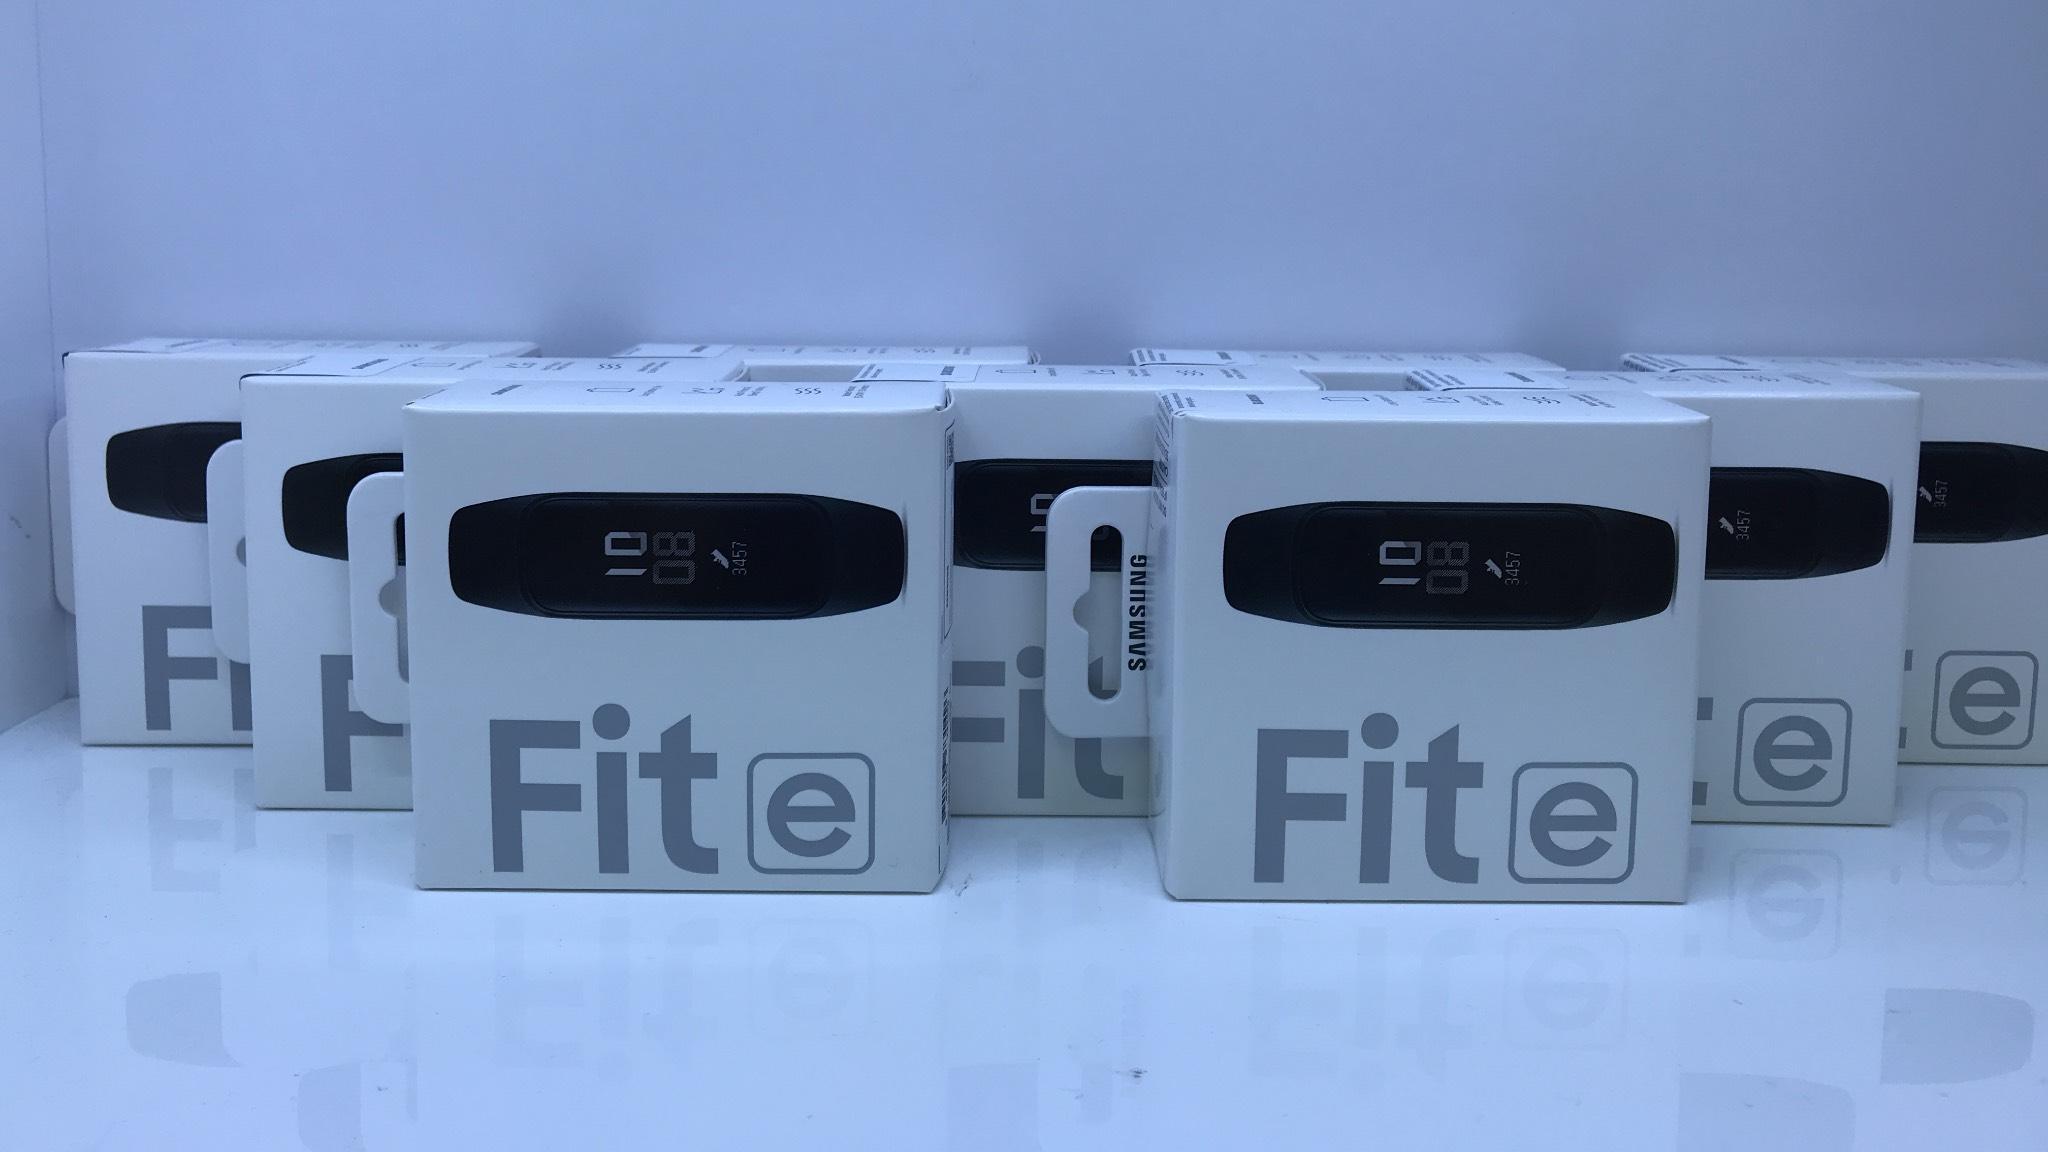 Đồng Hồ Samsung Galaxy Fit E Mới Nguyên Seal - Hãng Phân Phối Chính Thức